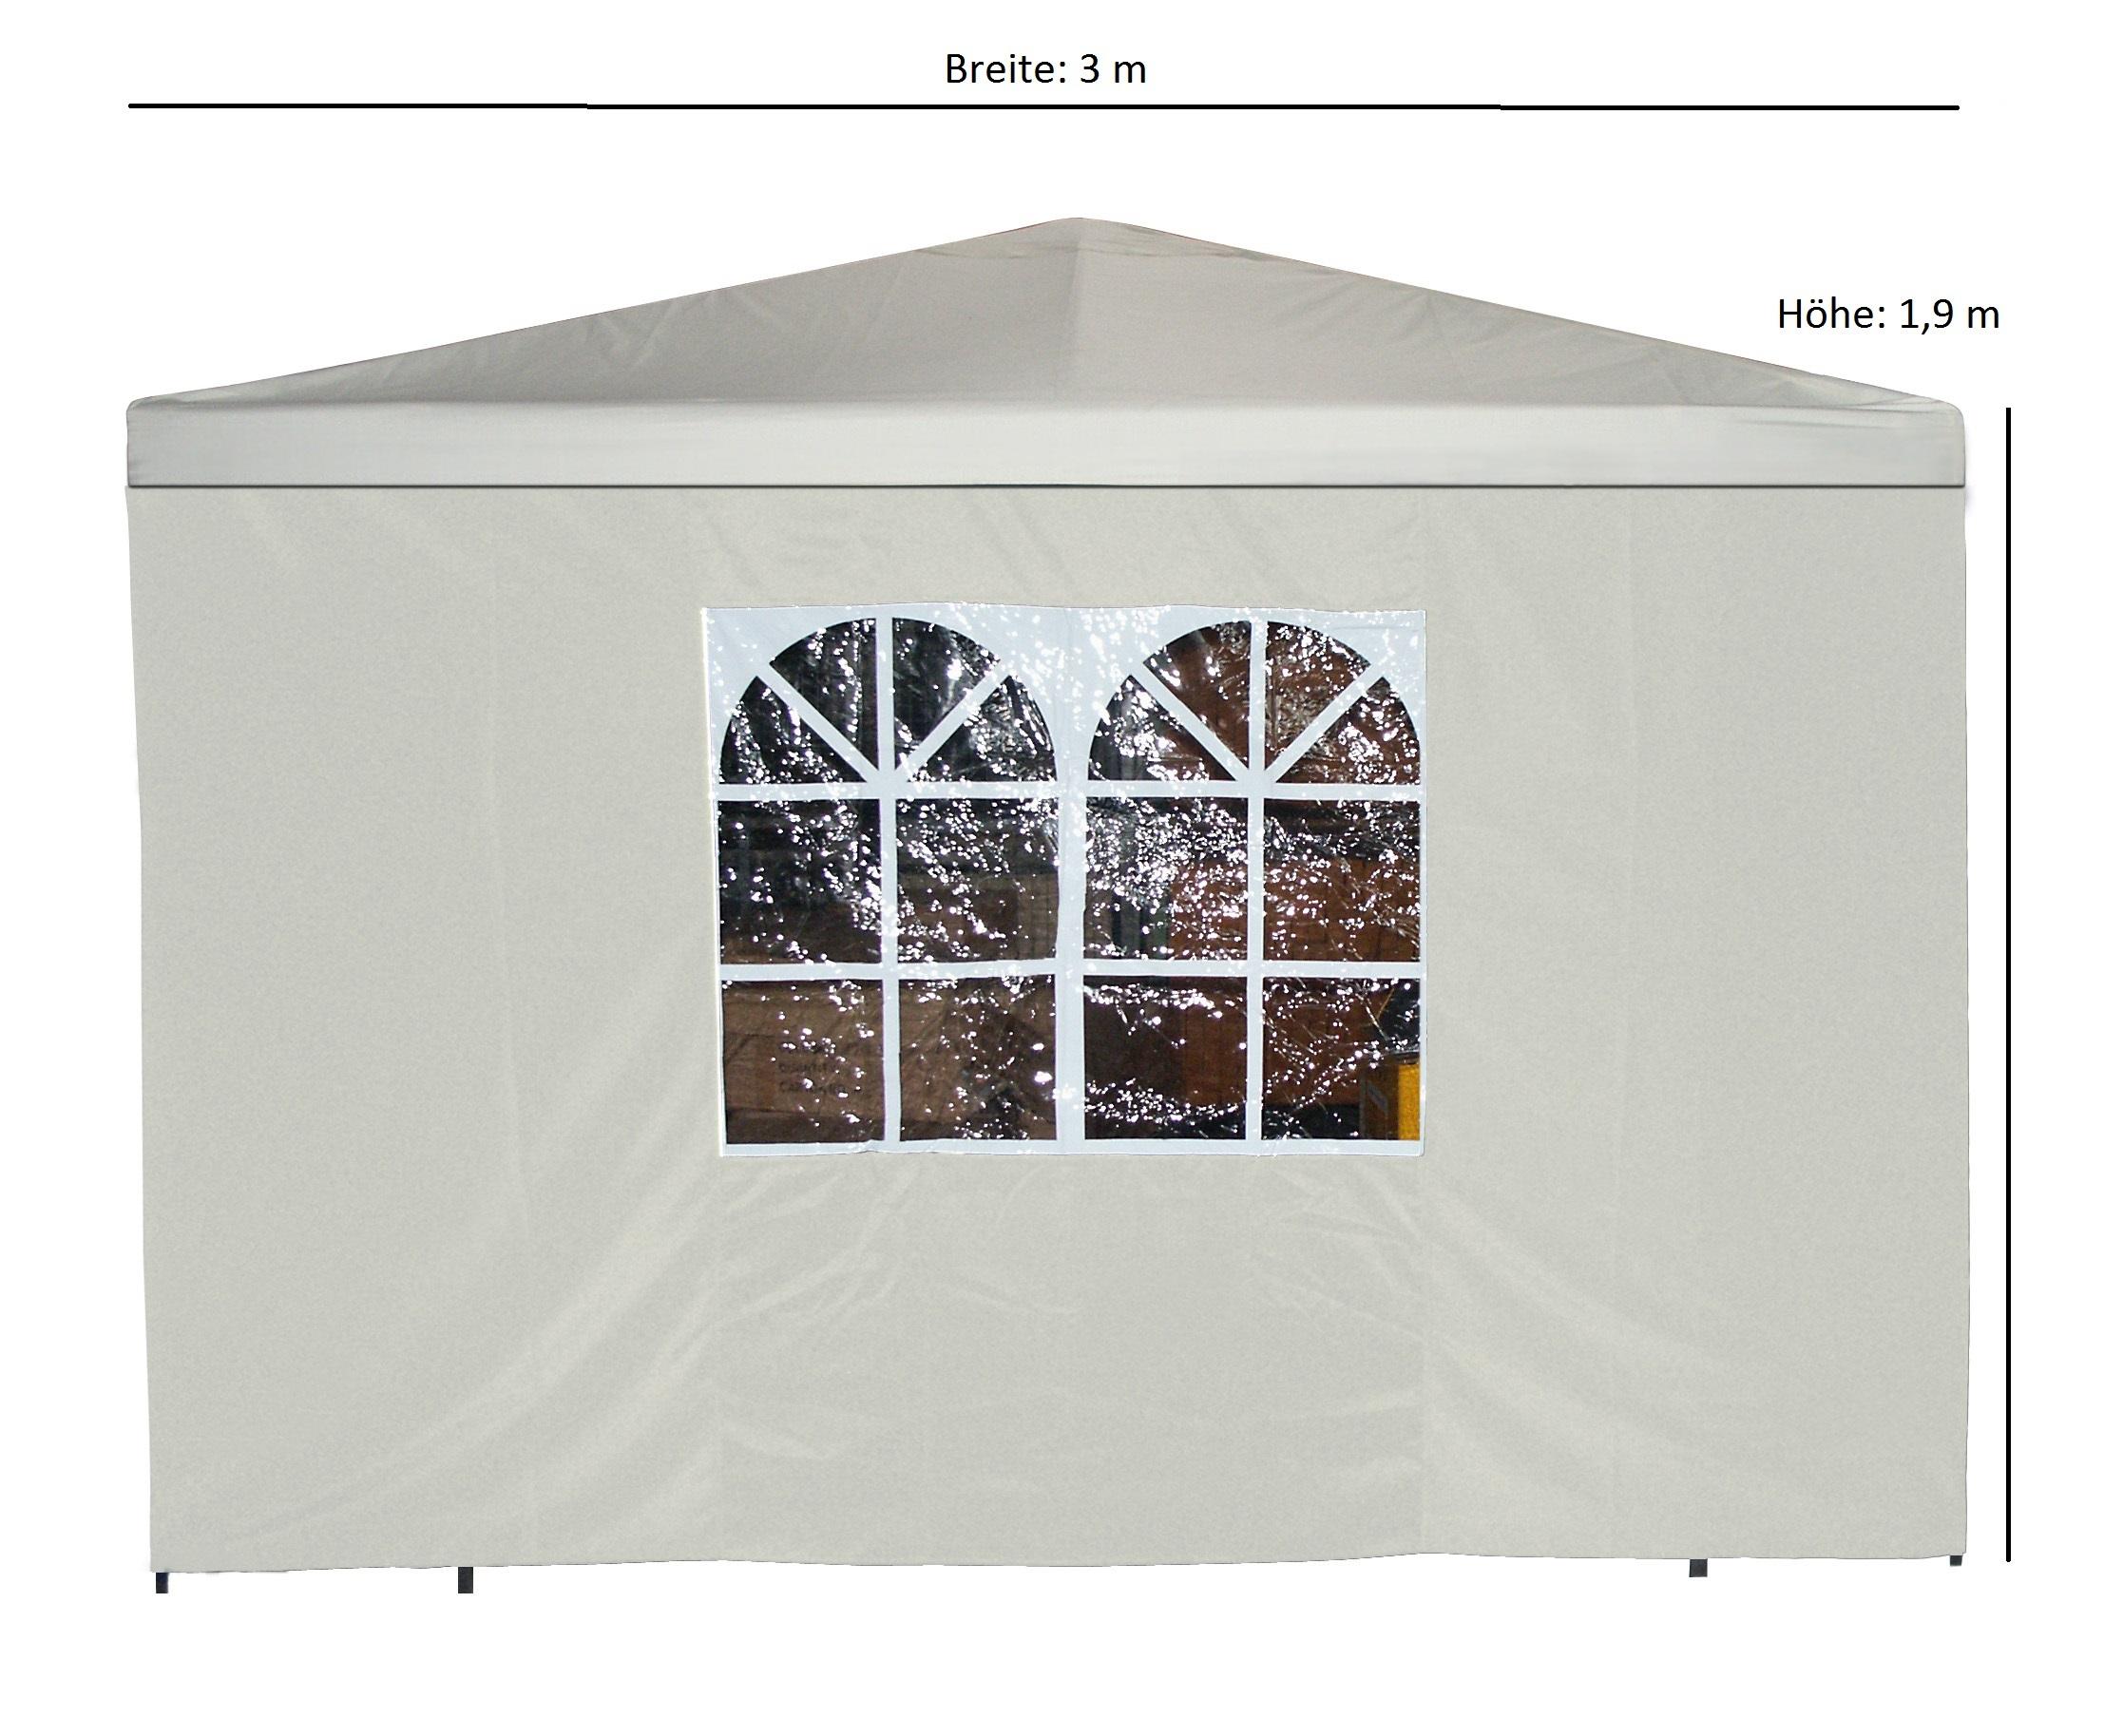 Seitenplane für Pavillon, 3x1,9 Meter, Polyester ecru mit Fenster